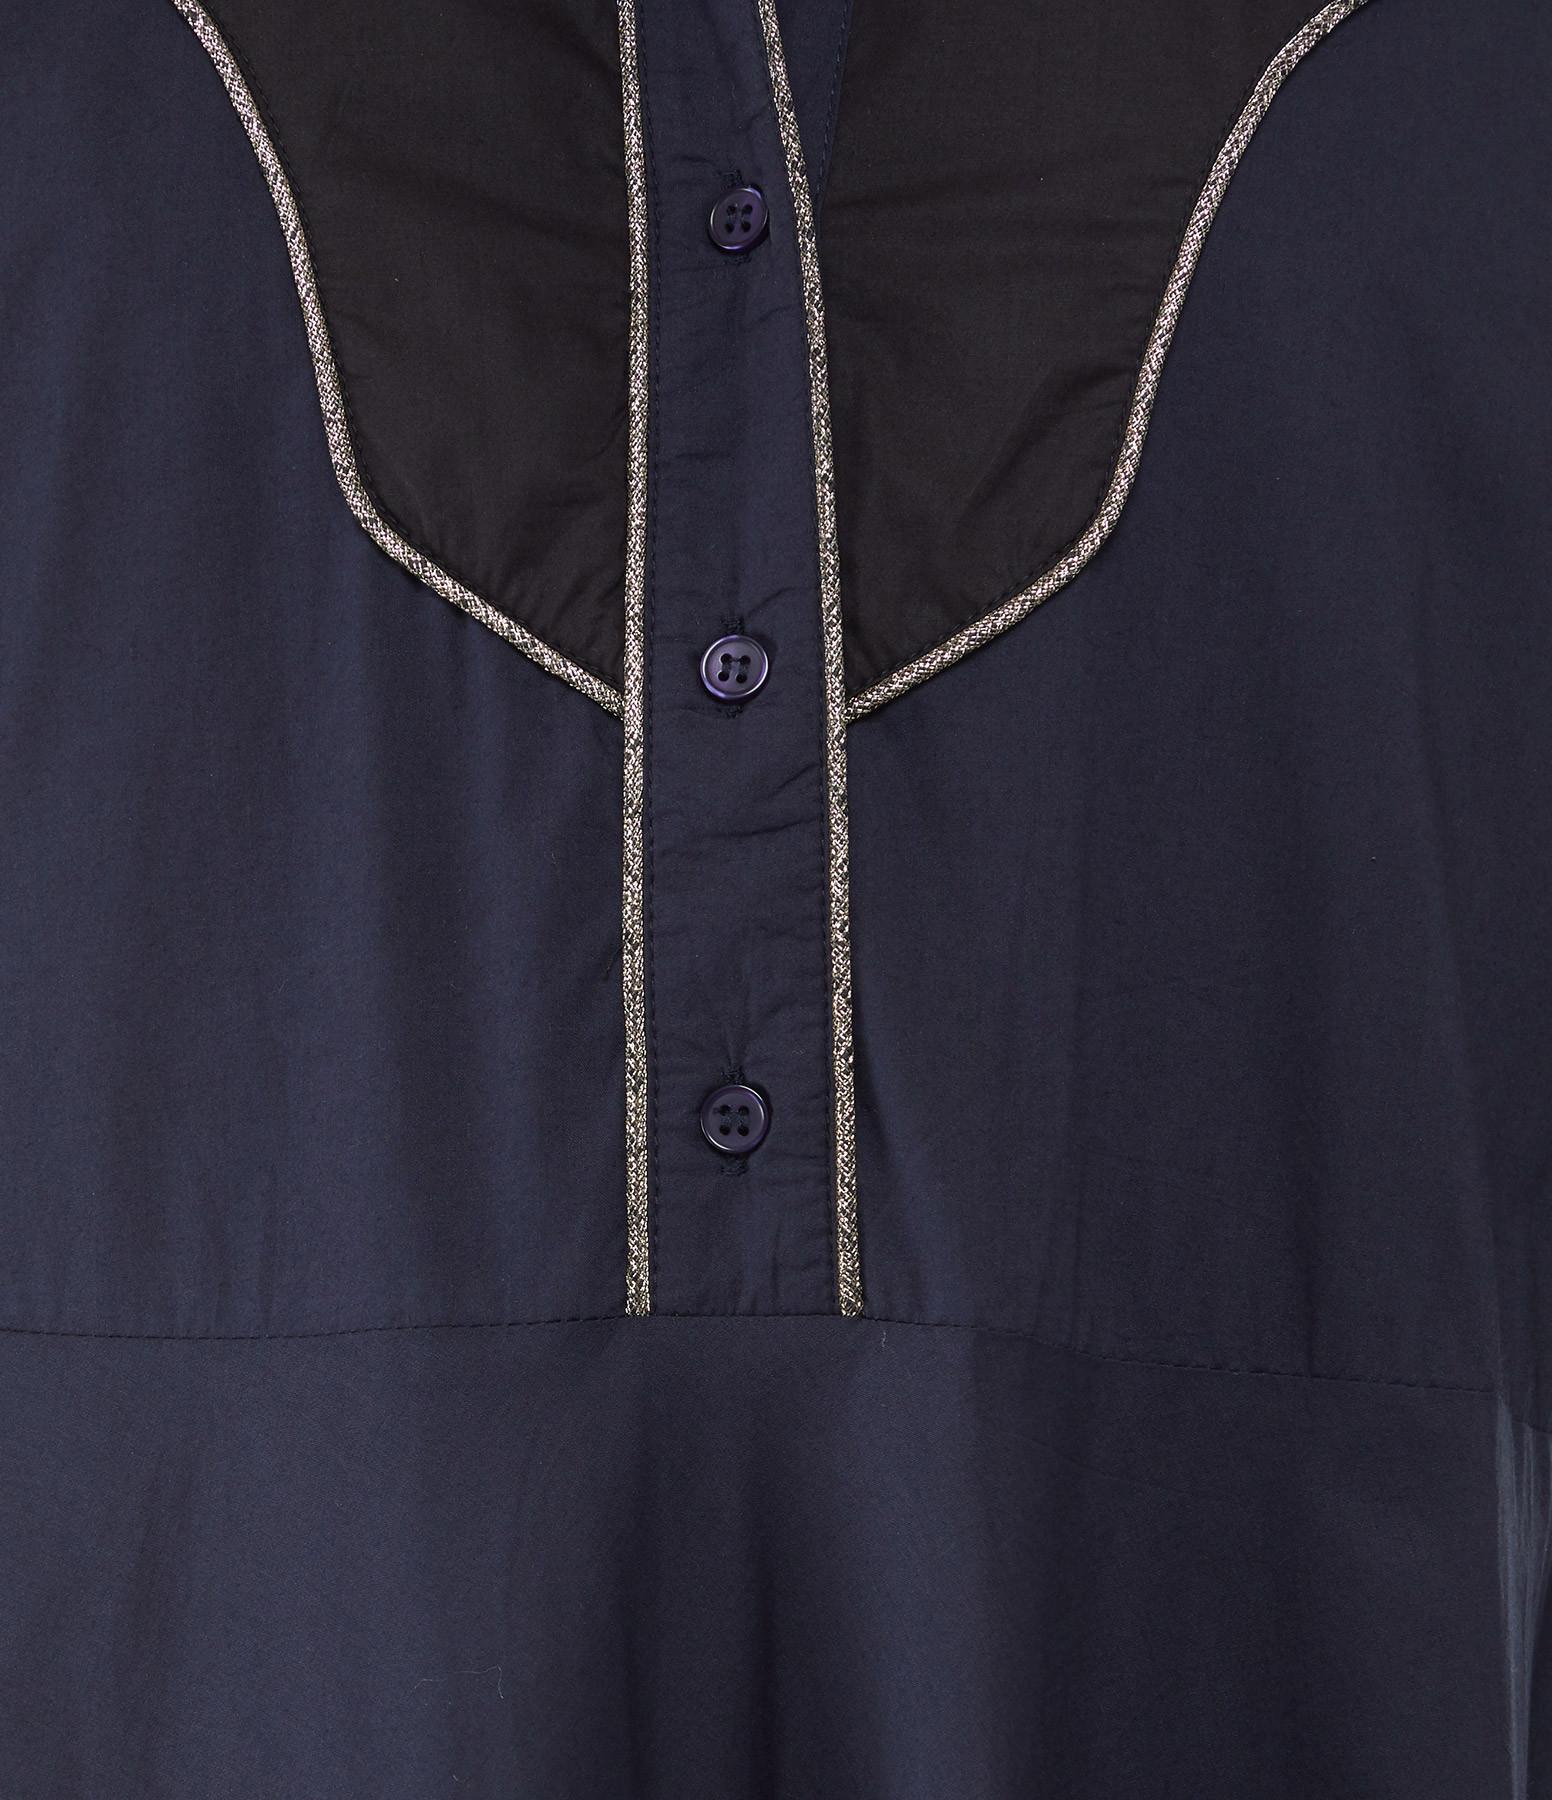 MES DEMOISELLES - Robe Coral Bleu Navy